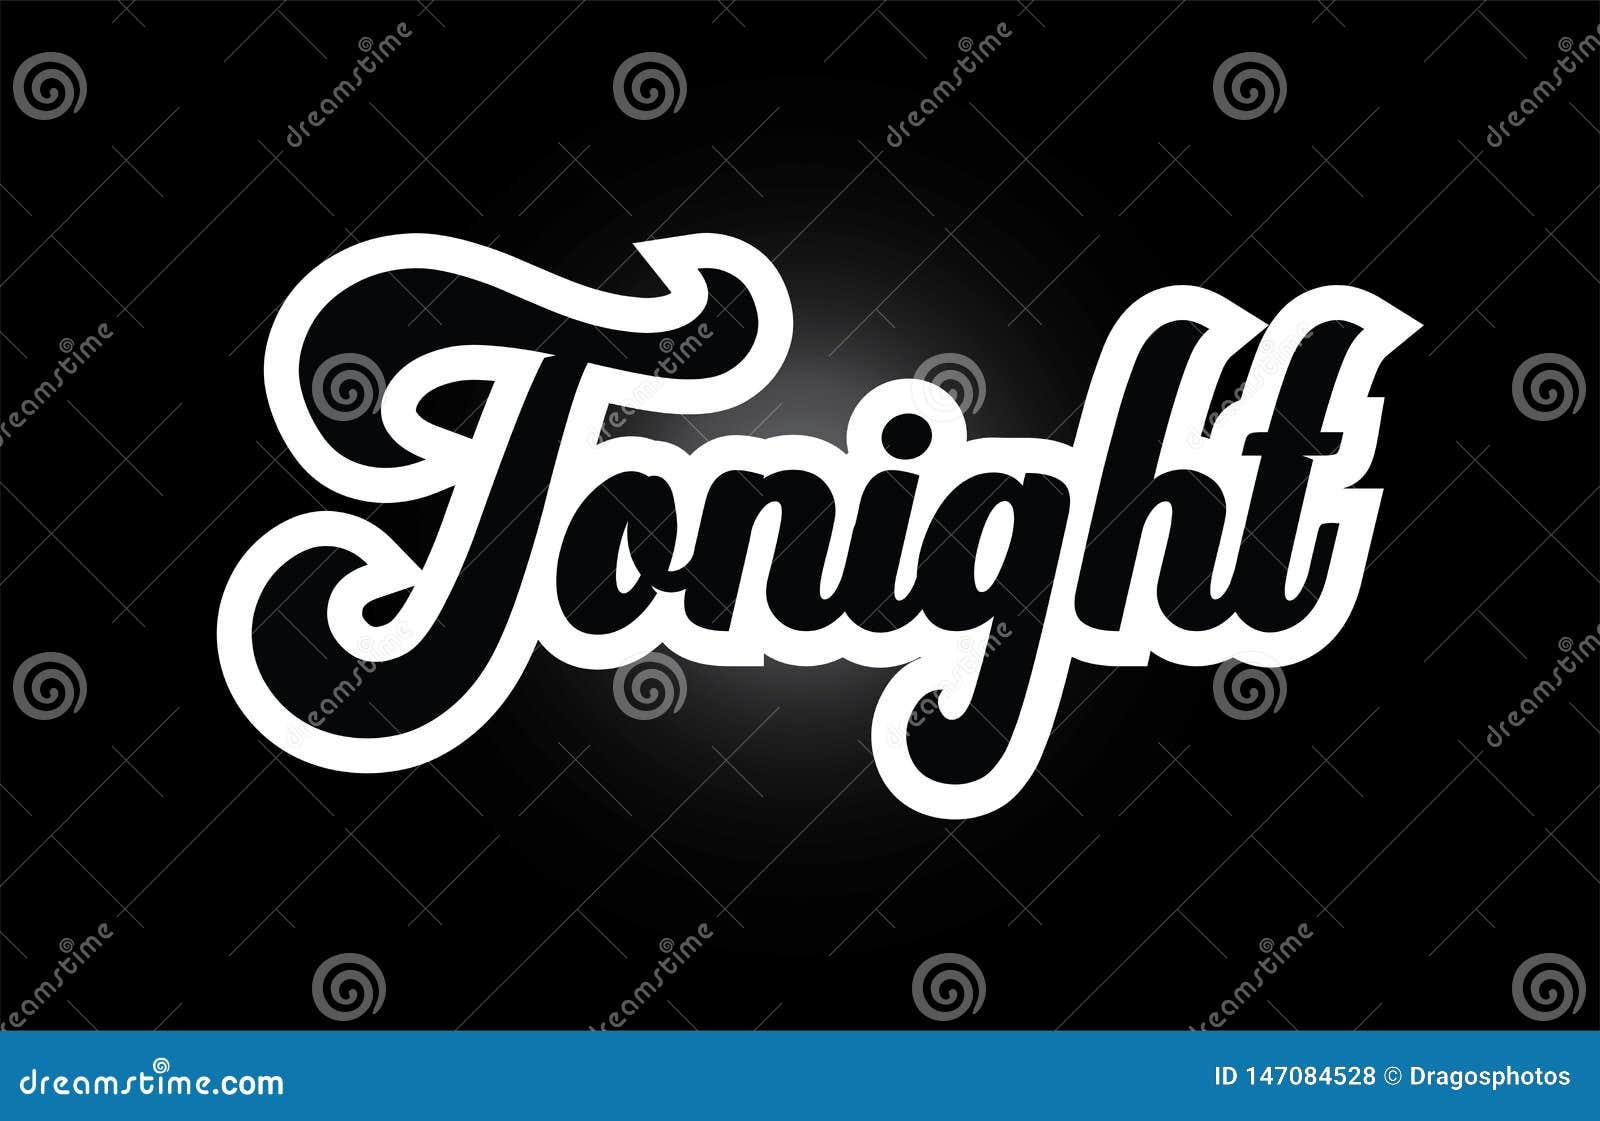 Zwart-wit overhandig vanavond geschreven woordteksten voor het pictogramontwerp van het typografieembleem